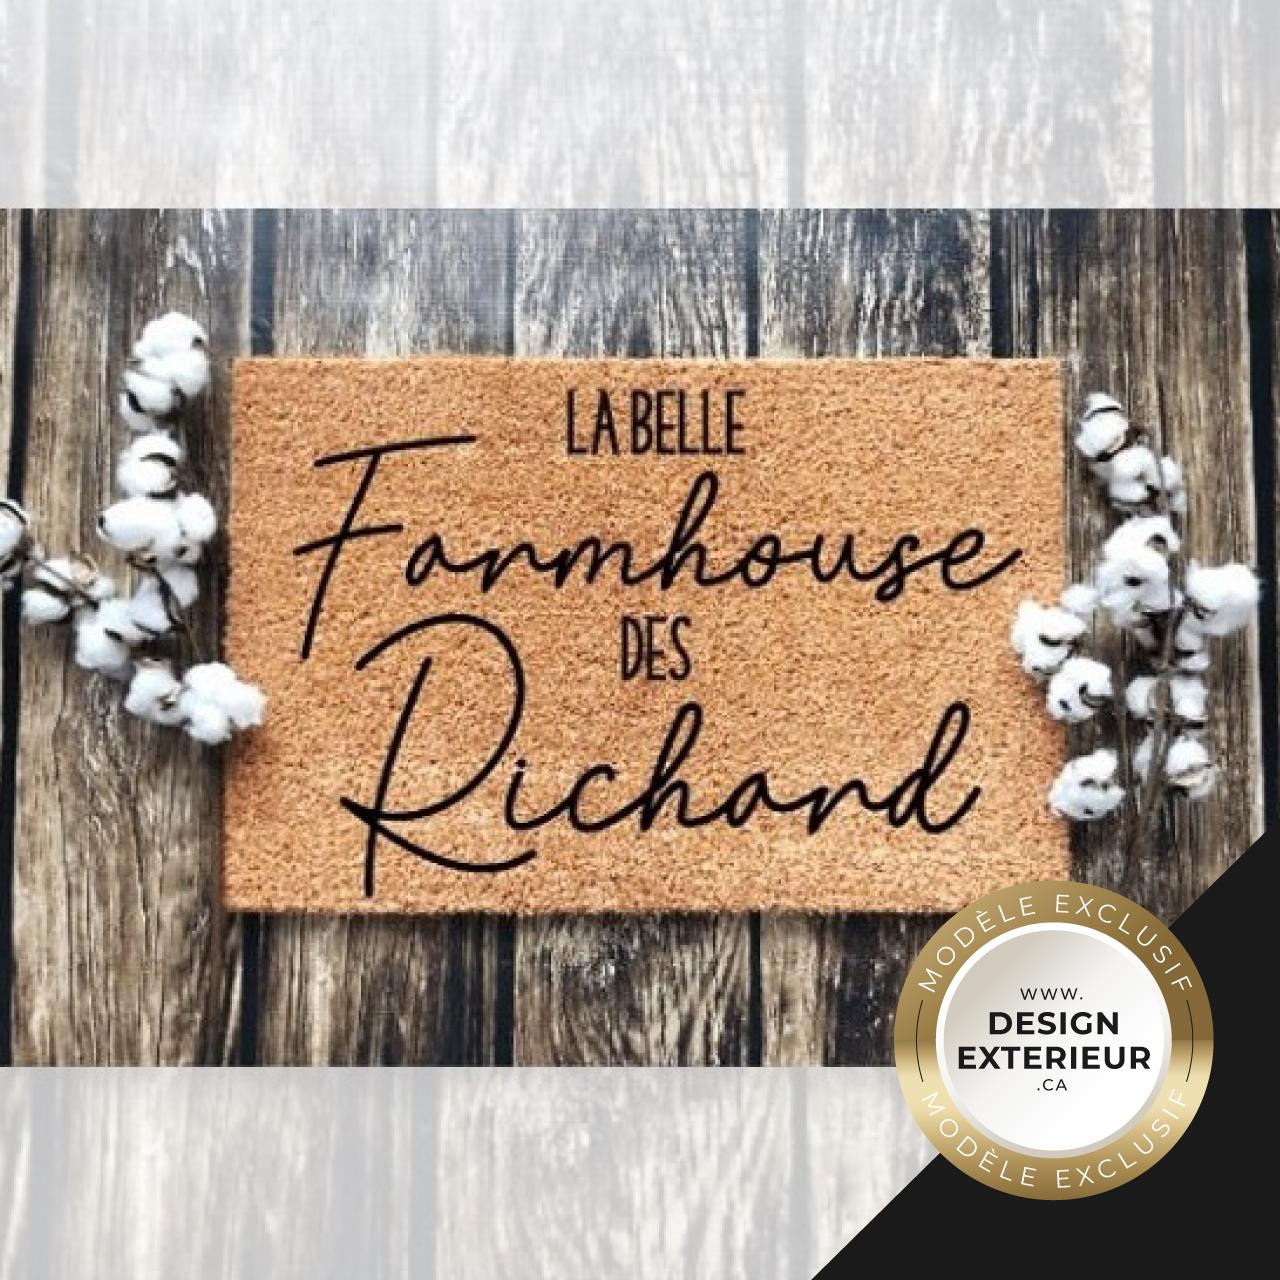 Paillasson Farmhouse personnalise Richard Design exterieur badge Exclusif